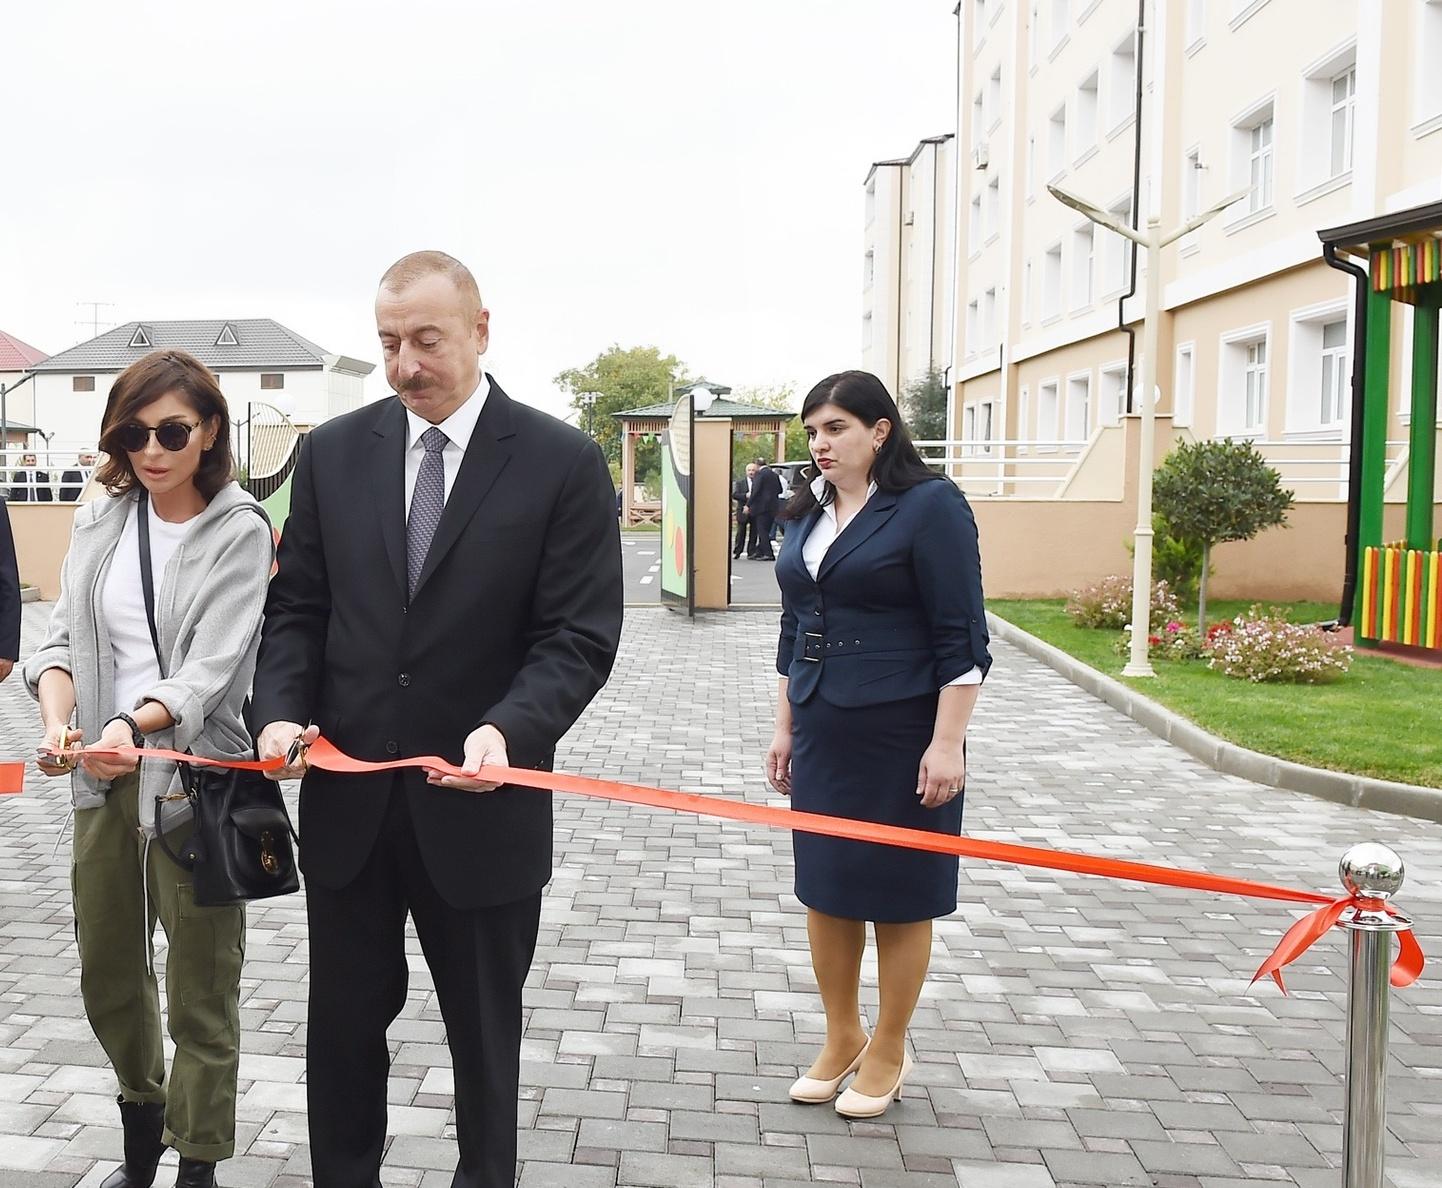 İlham Əliyev və xanımı körpələr evi-uşaq bağçasının açılışında